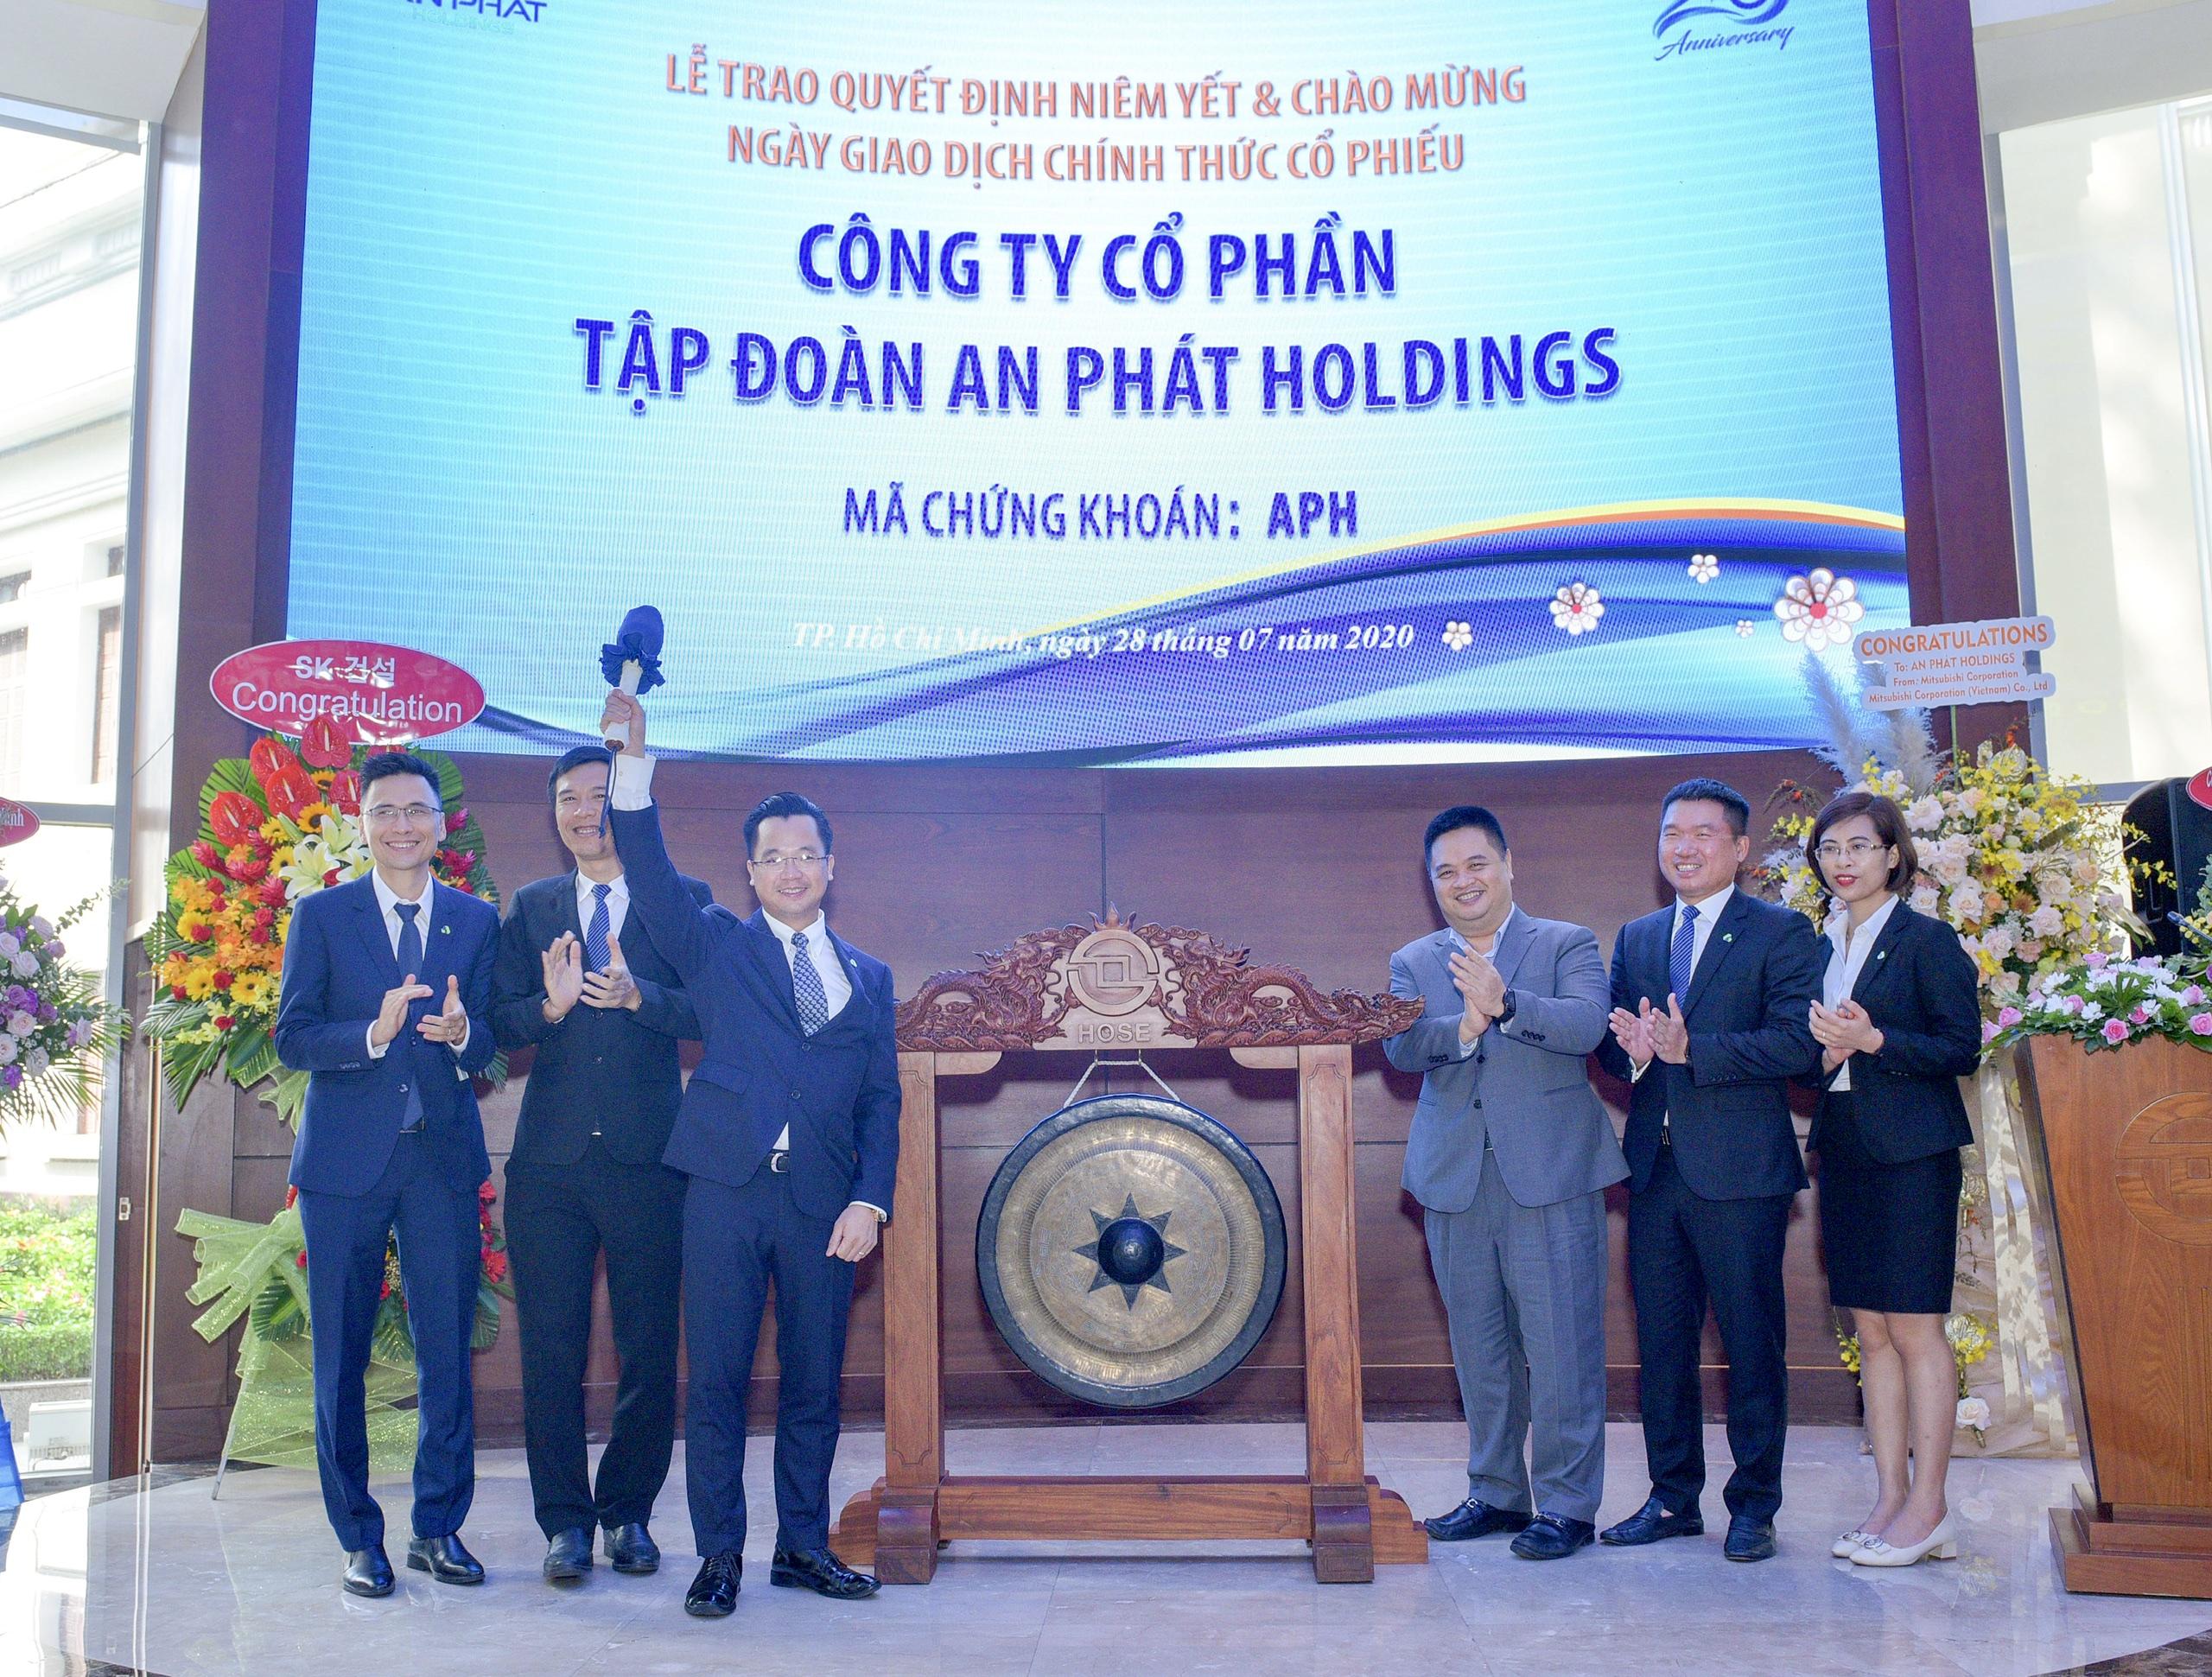 An Phát Holdings chính thức niêm yết 132,6 triệu cổ phiếu APH trên HOSE - Ảnh 1.